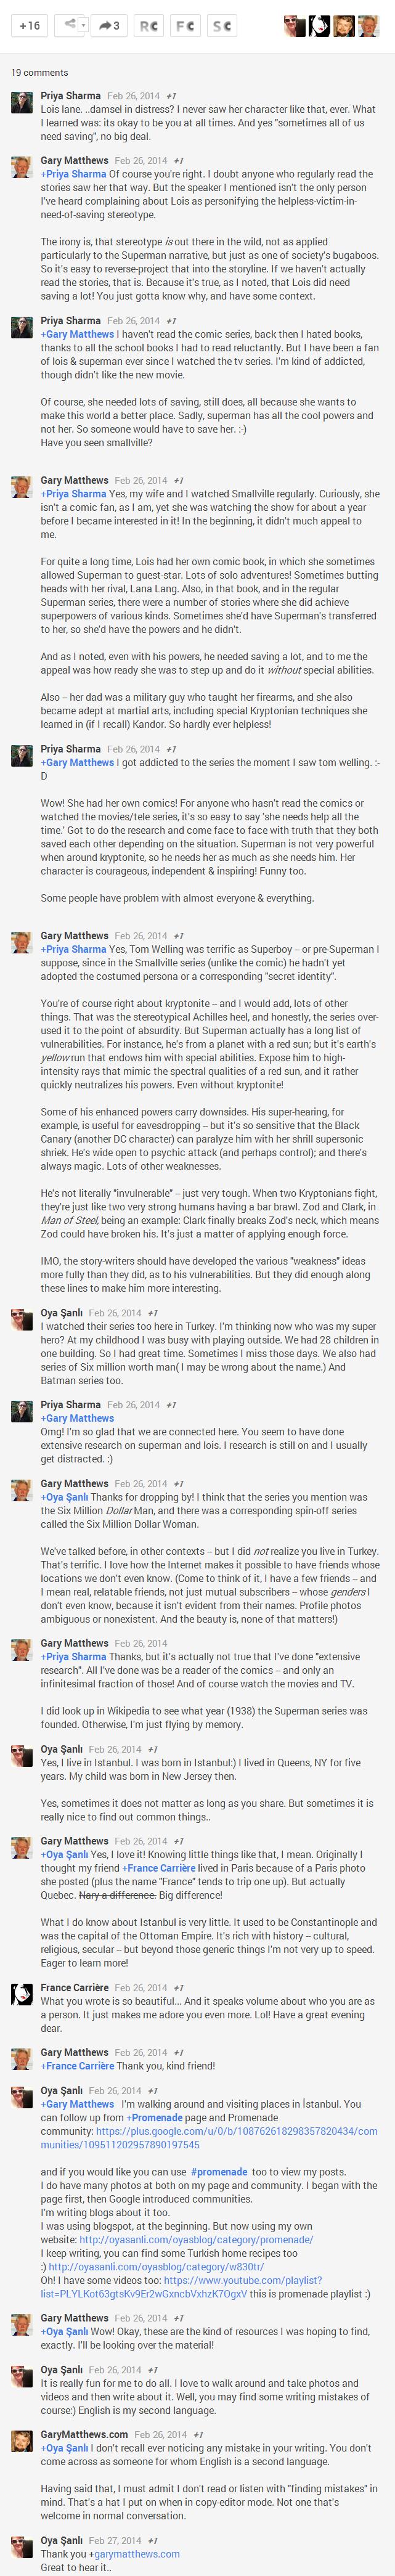 Comments on Lois Lane